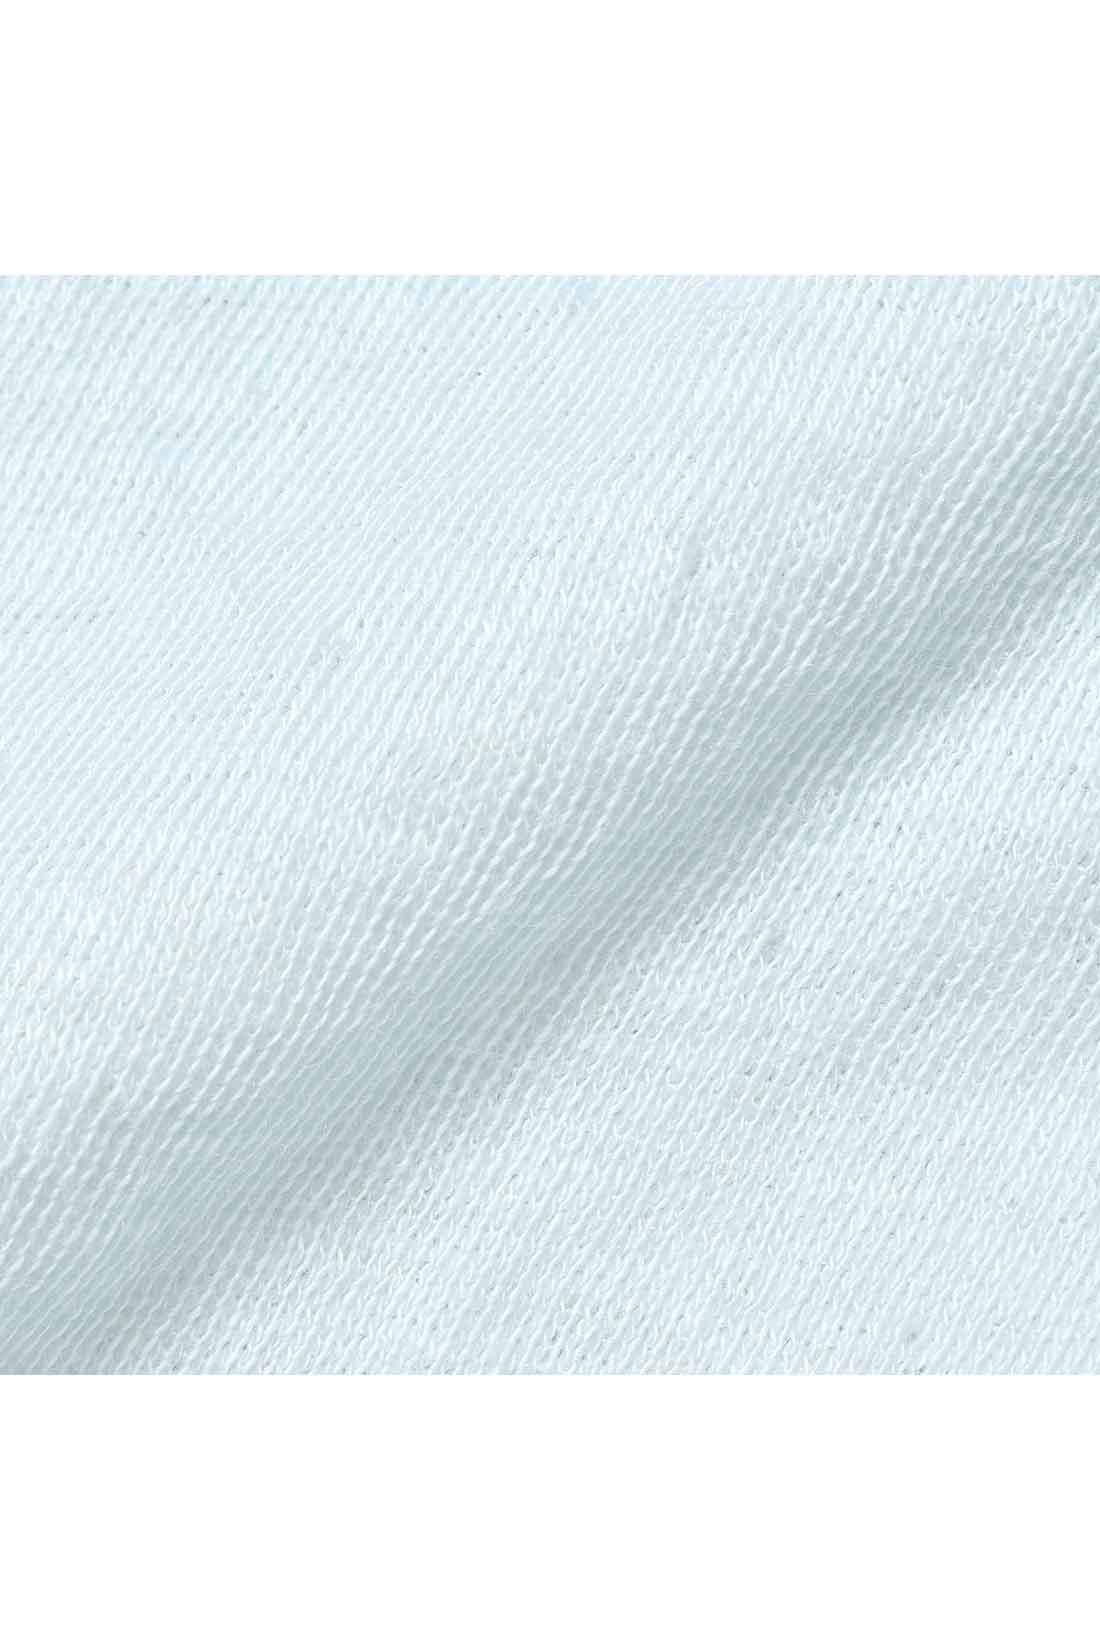 肌側はシルク85%混、外側は綿100%の二重仕立て。